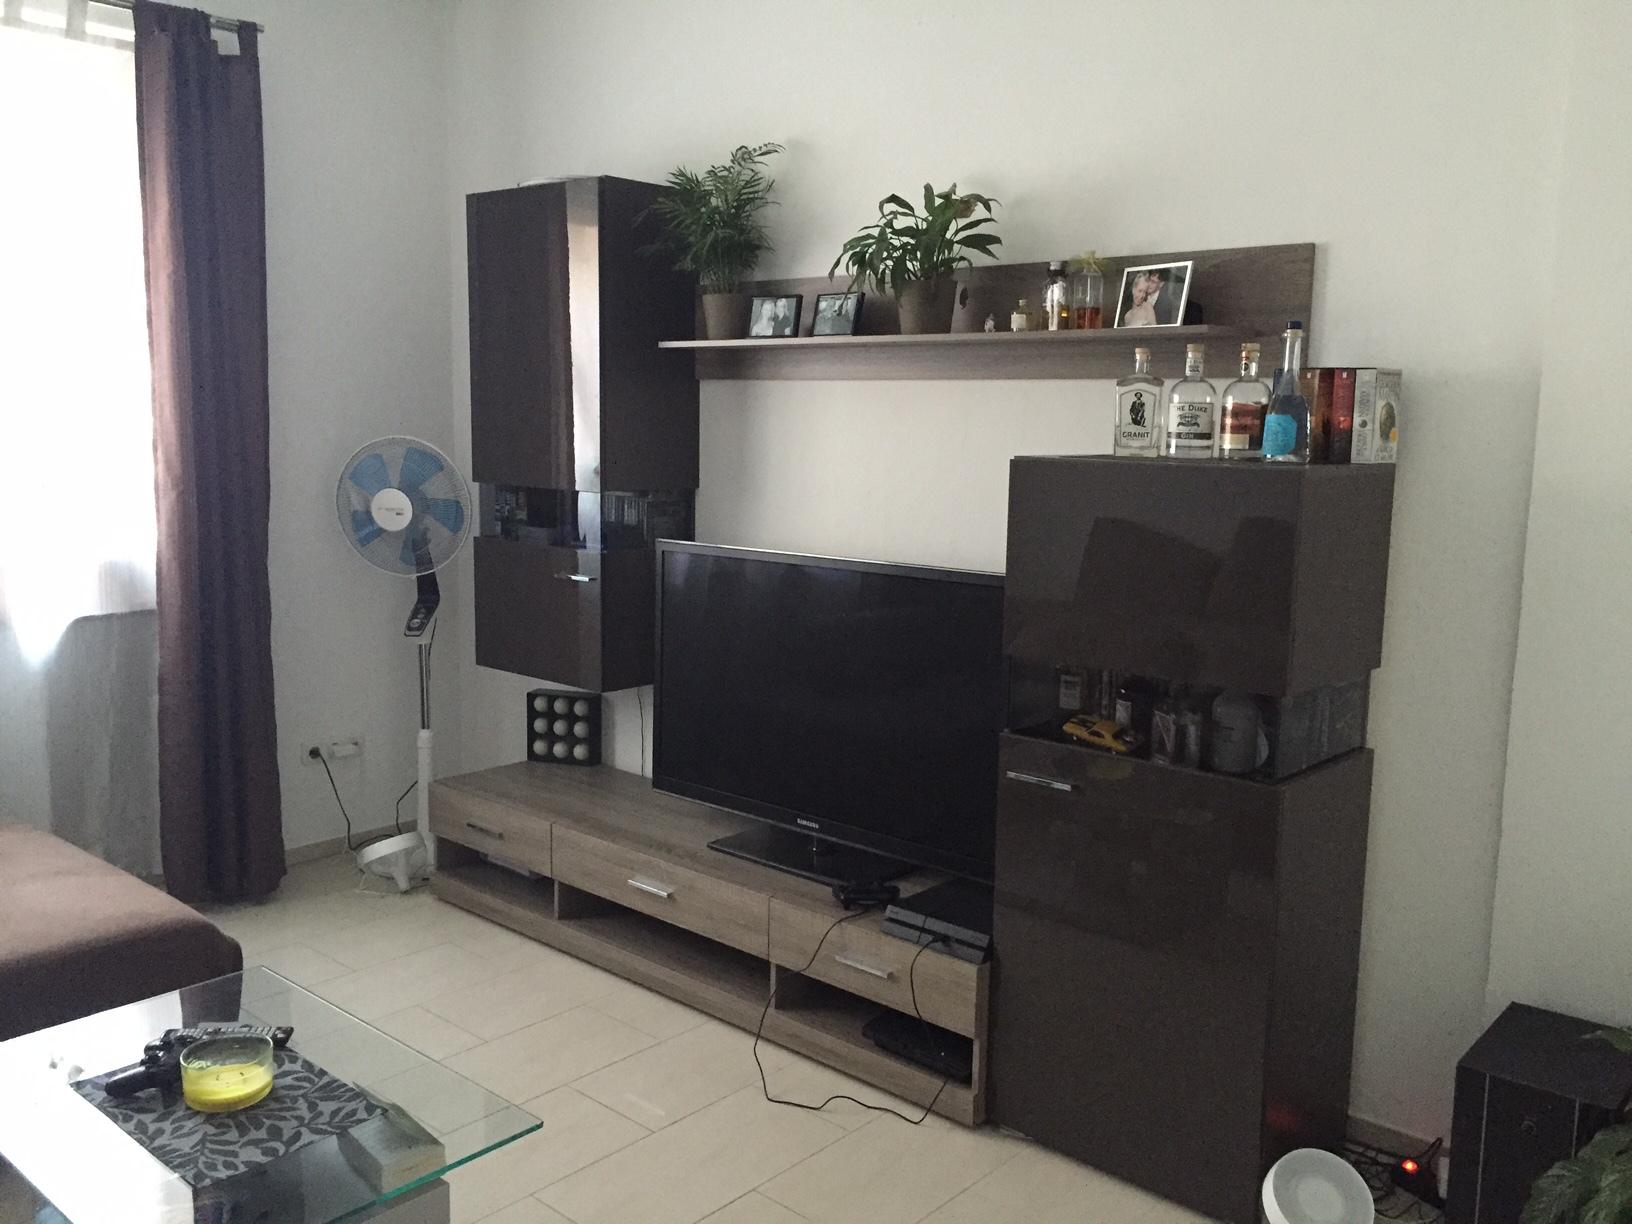 wohnzimmer heimkino heimkinowohnzimmer lautsprecher surround wohnzimmer hifi. Black Bedroom Furniture Sets. Home Design Ideas